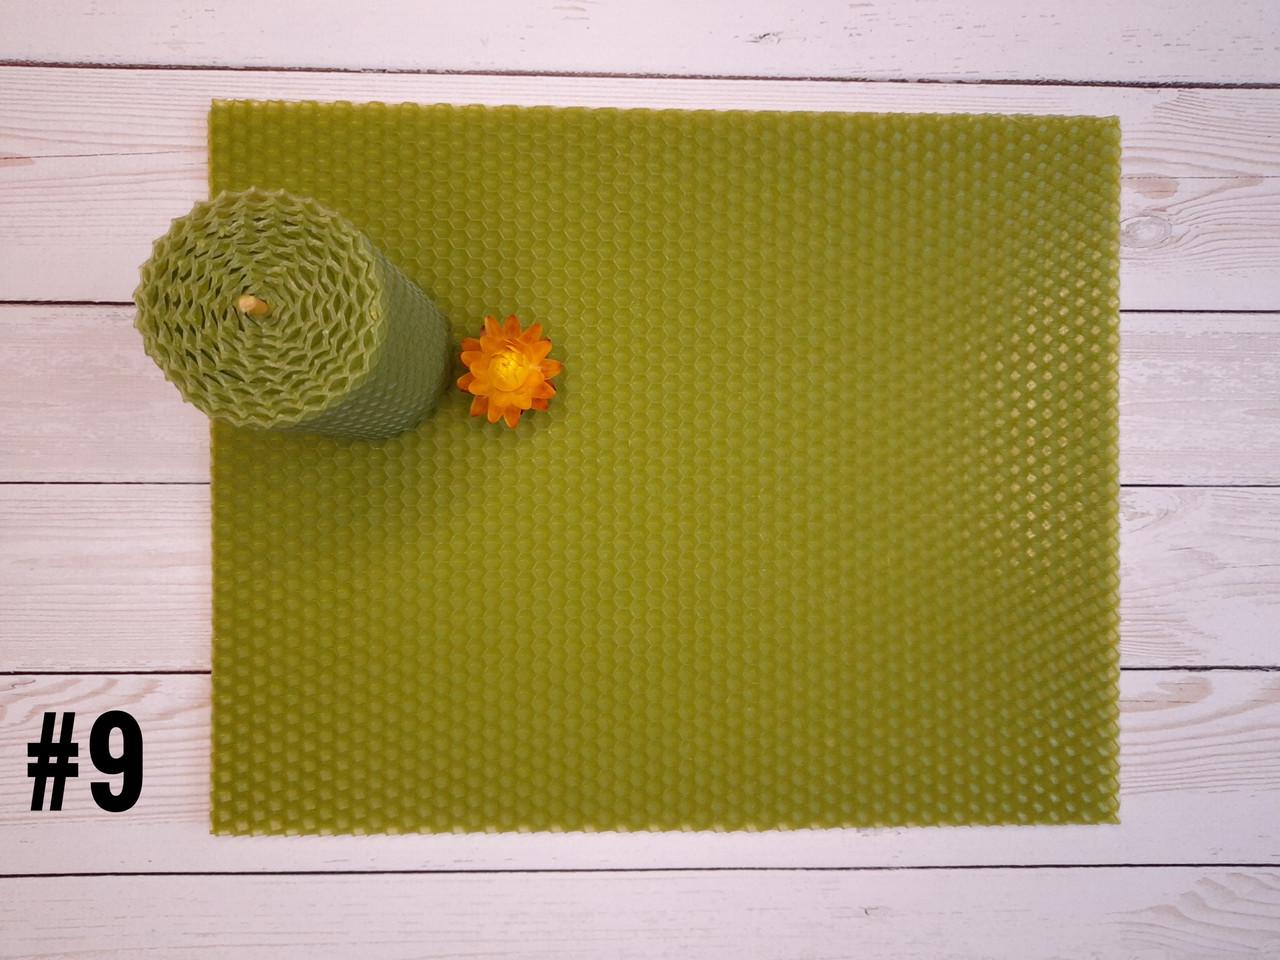 Кольорова вощина для виготовлення свічок, оливковий, лист 26х41см